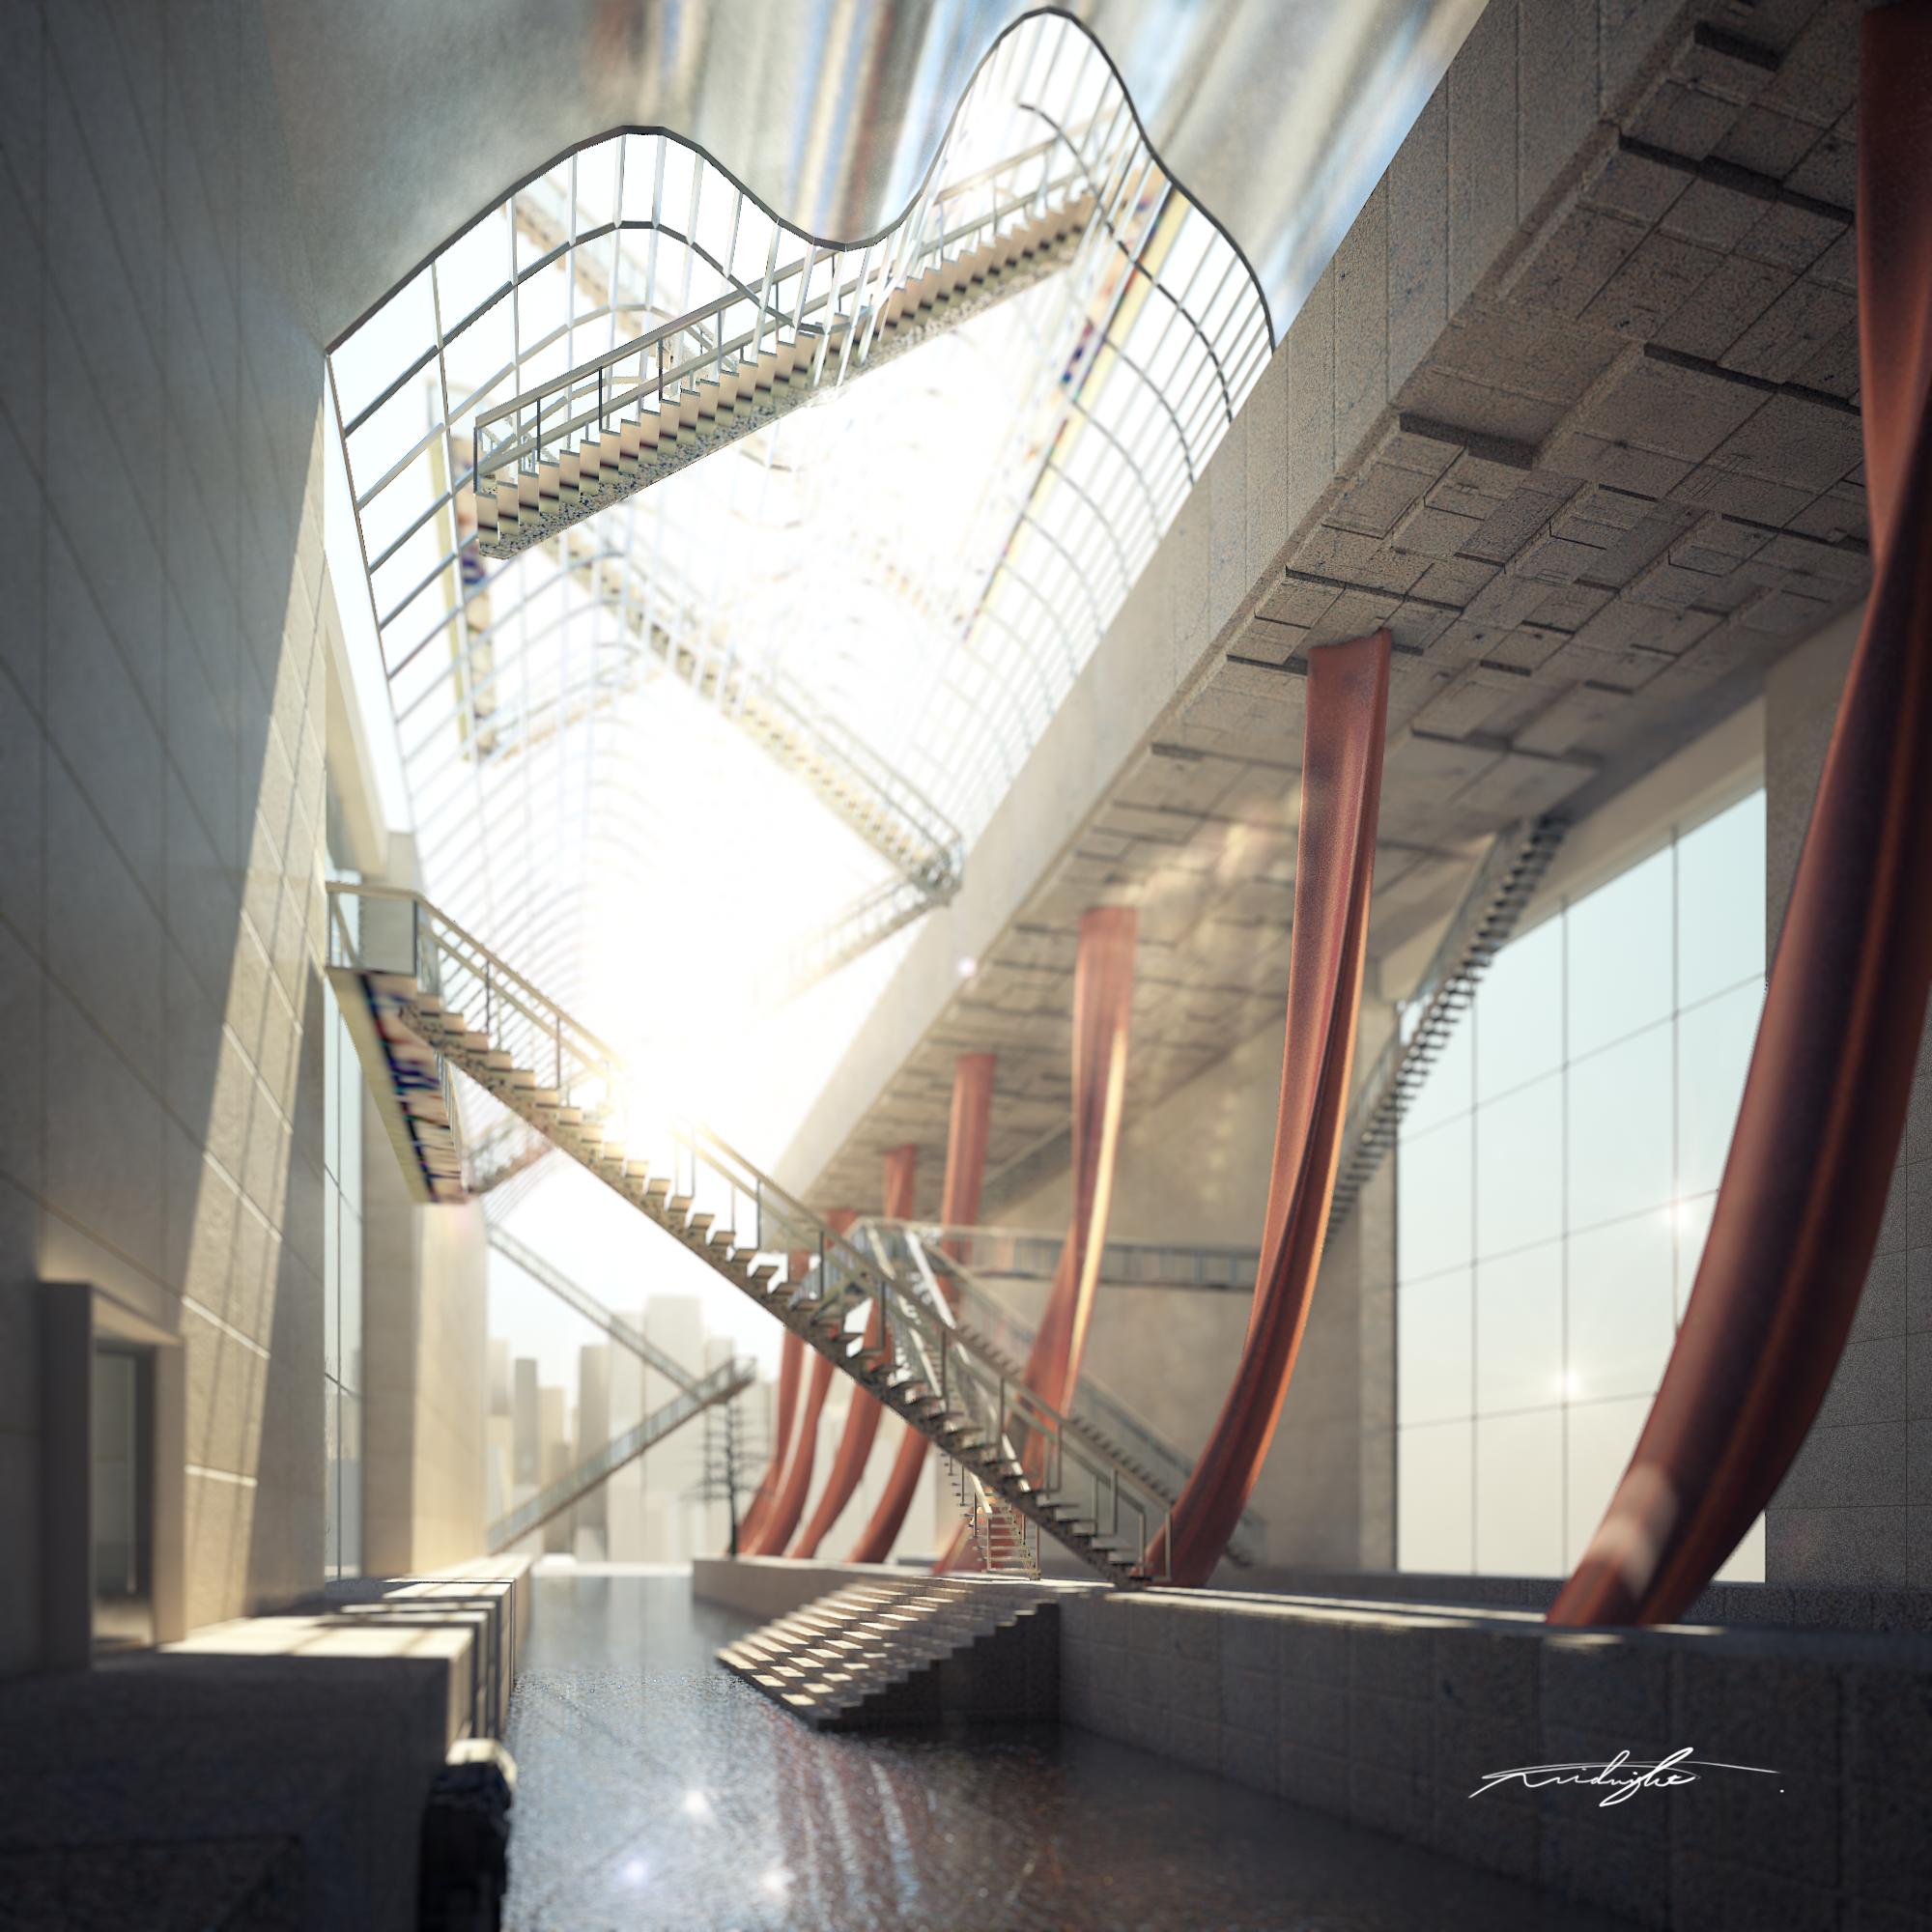 Dreamscape #1 Train Station